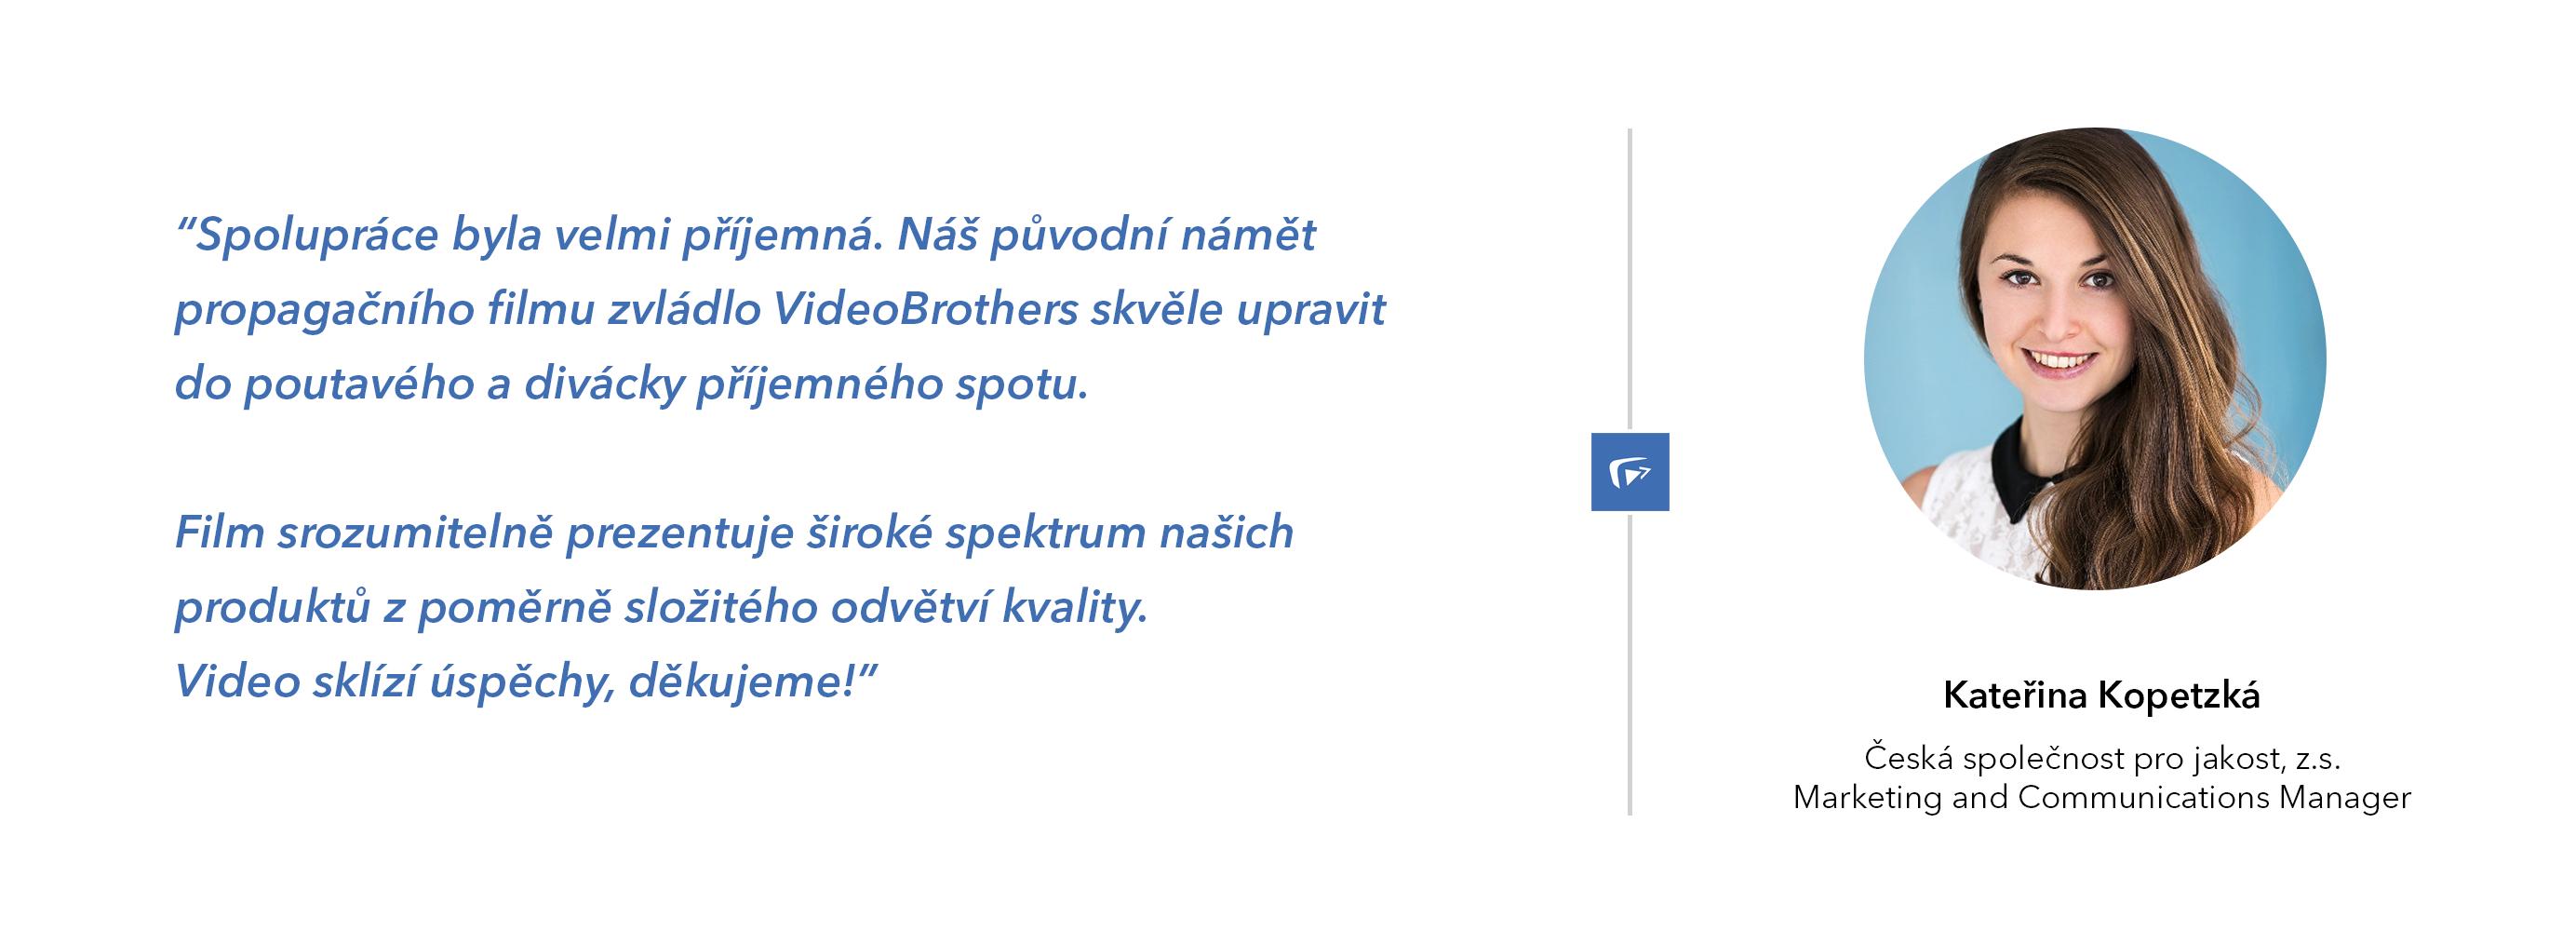 Česká společnost pro jakost doporučuje VideoBrothers